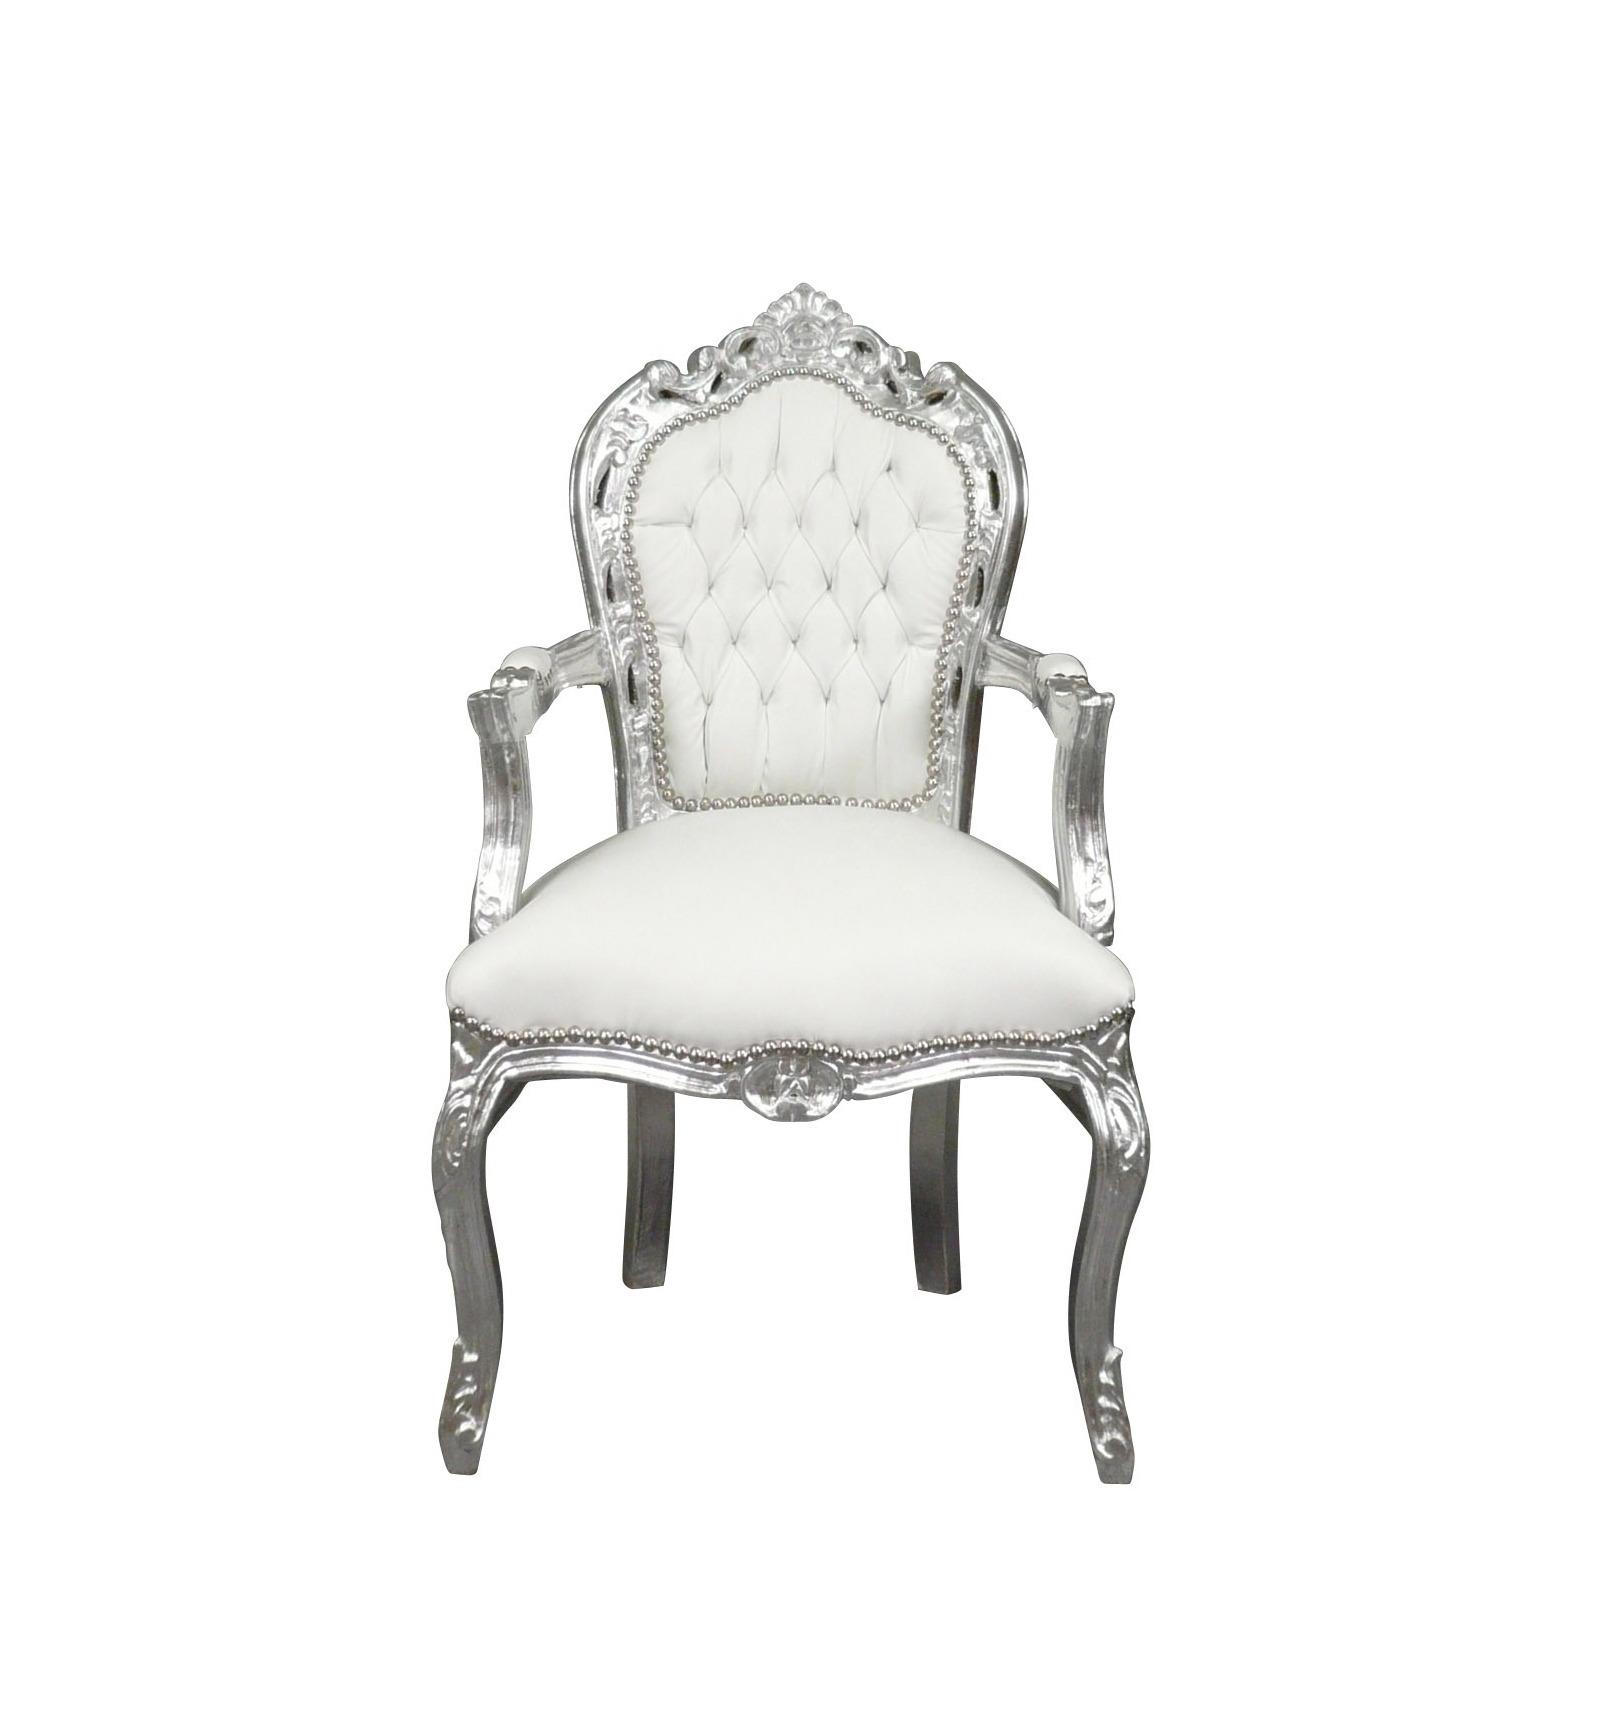 Barocker weißer und silberner Sessel Rokoko Einrichtung